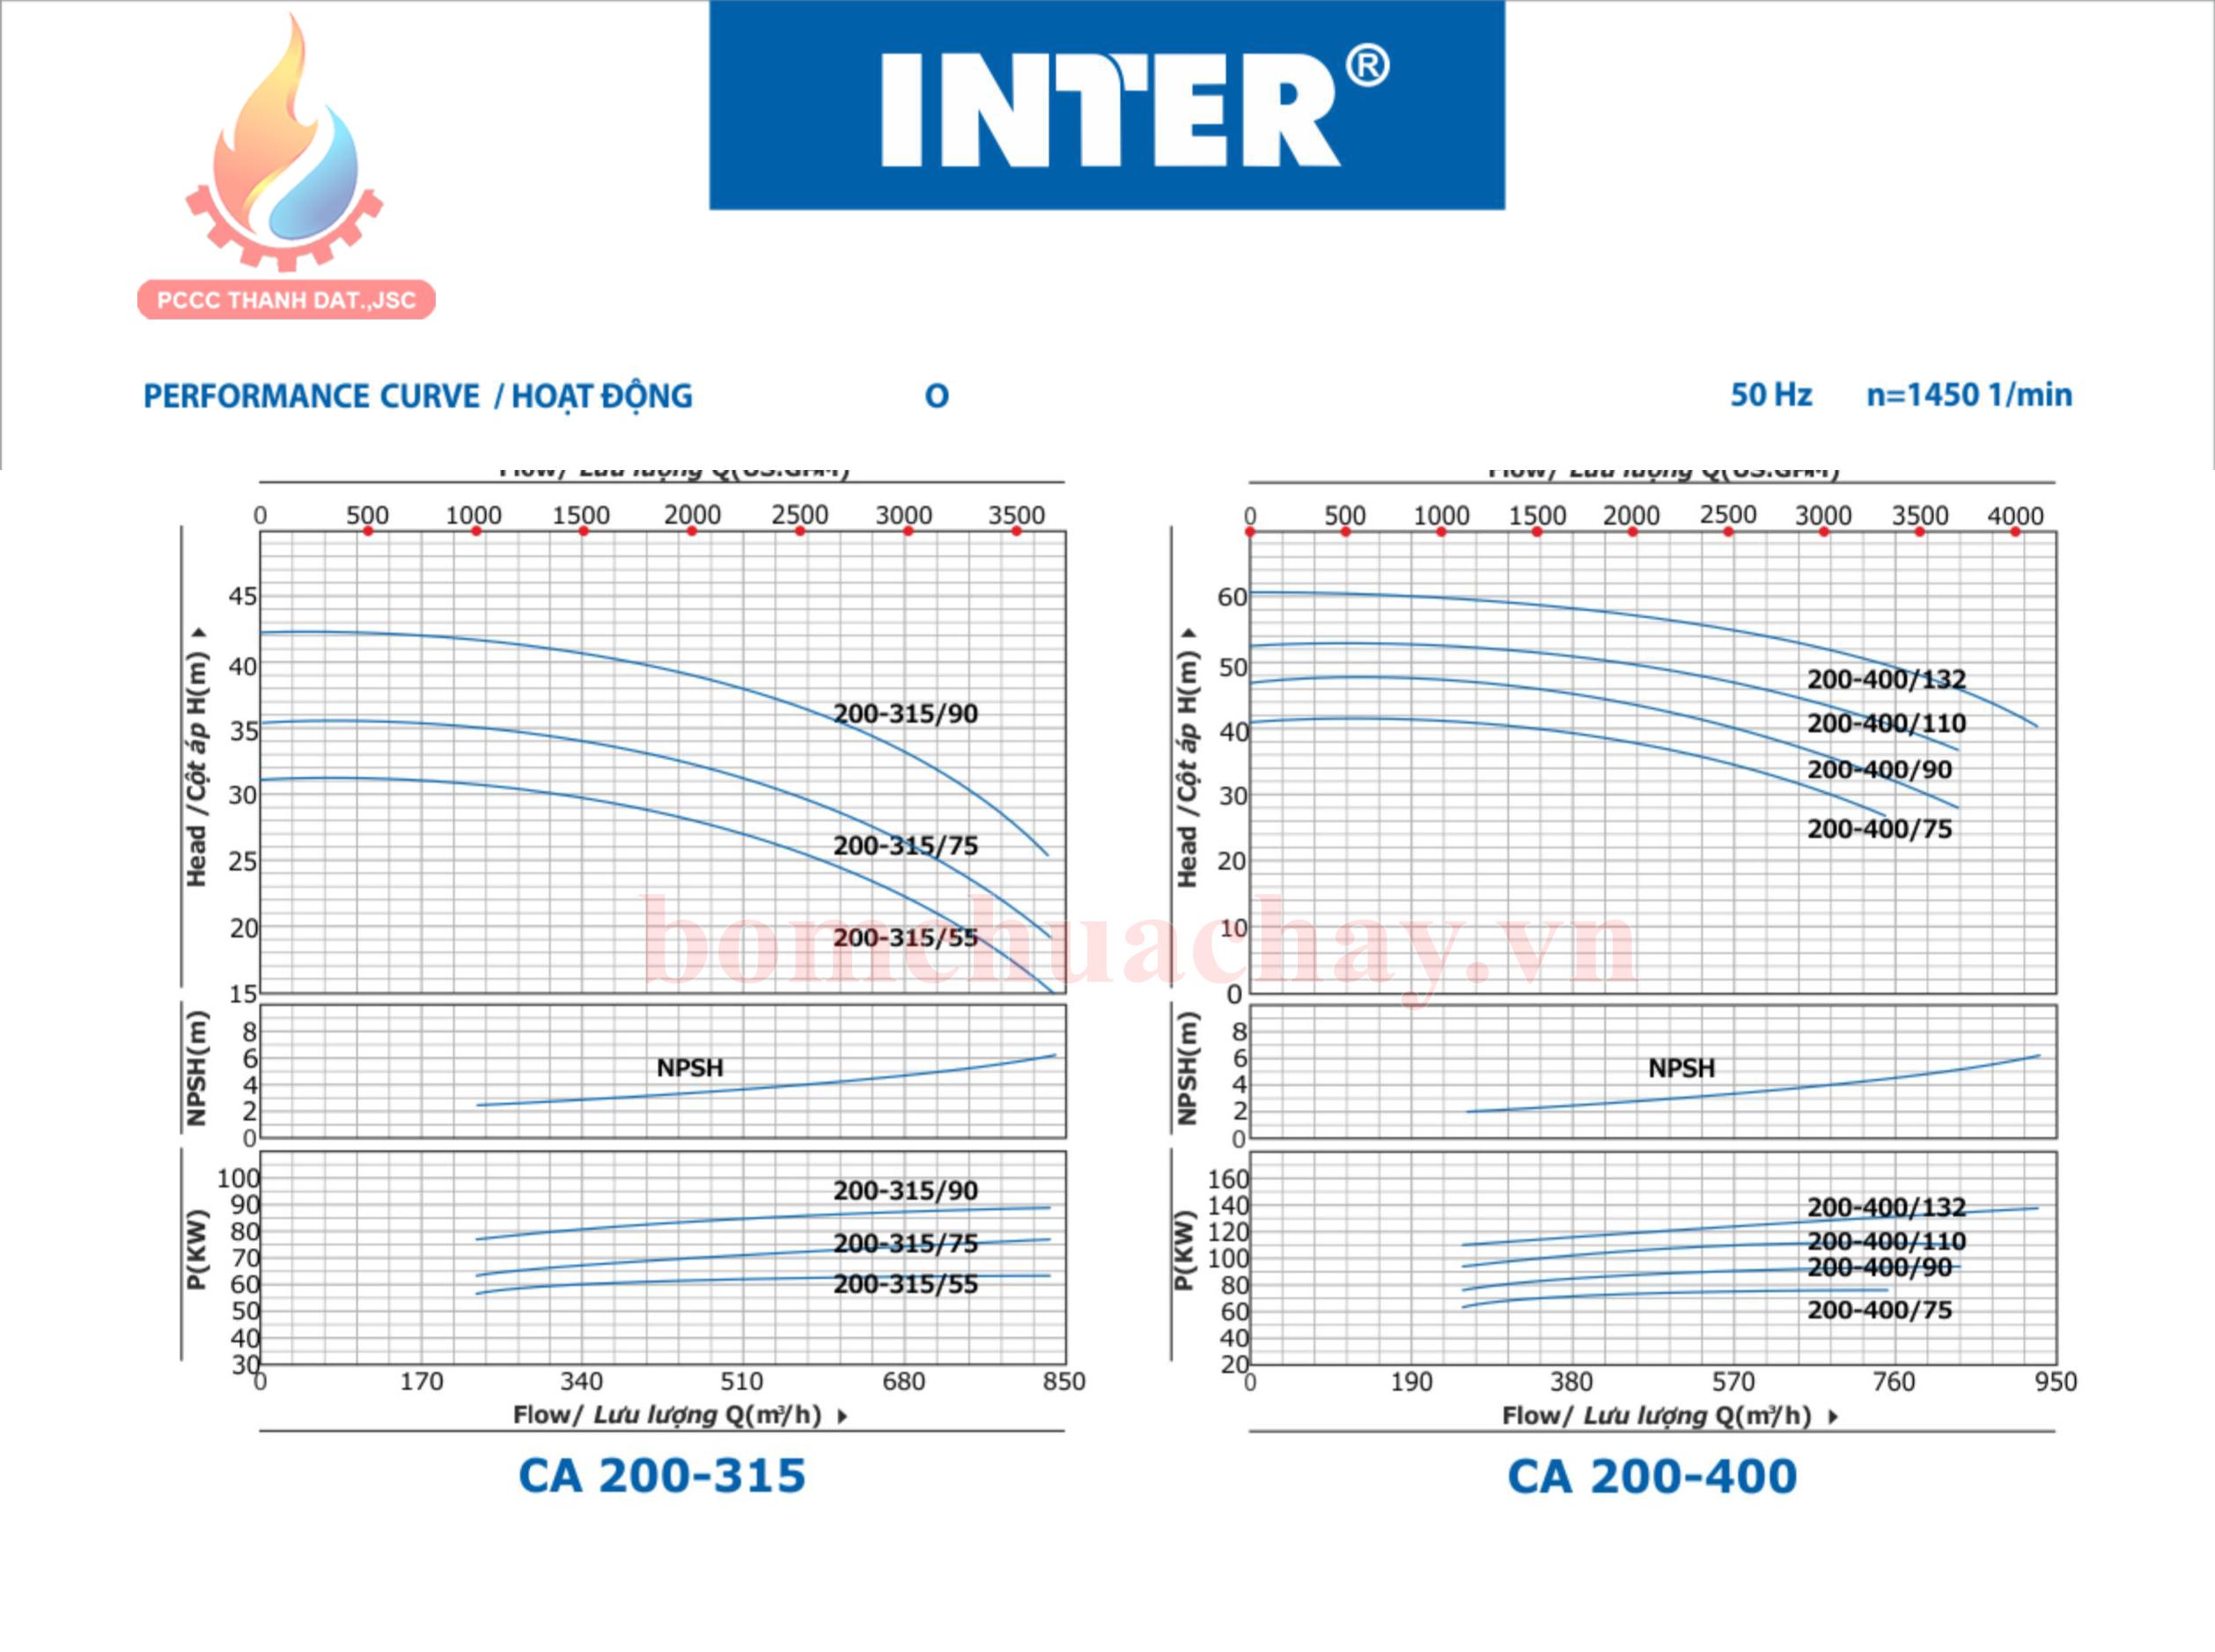 máy bơm chữa cháy inter ca200-400 150hp